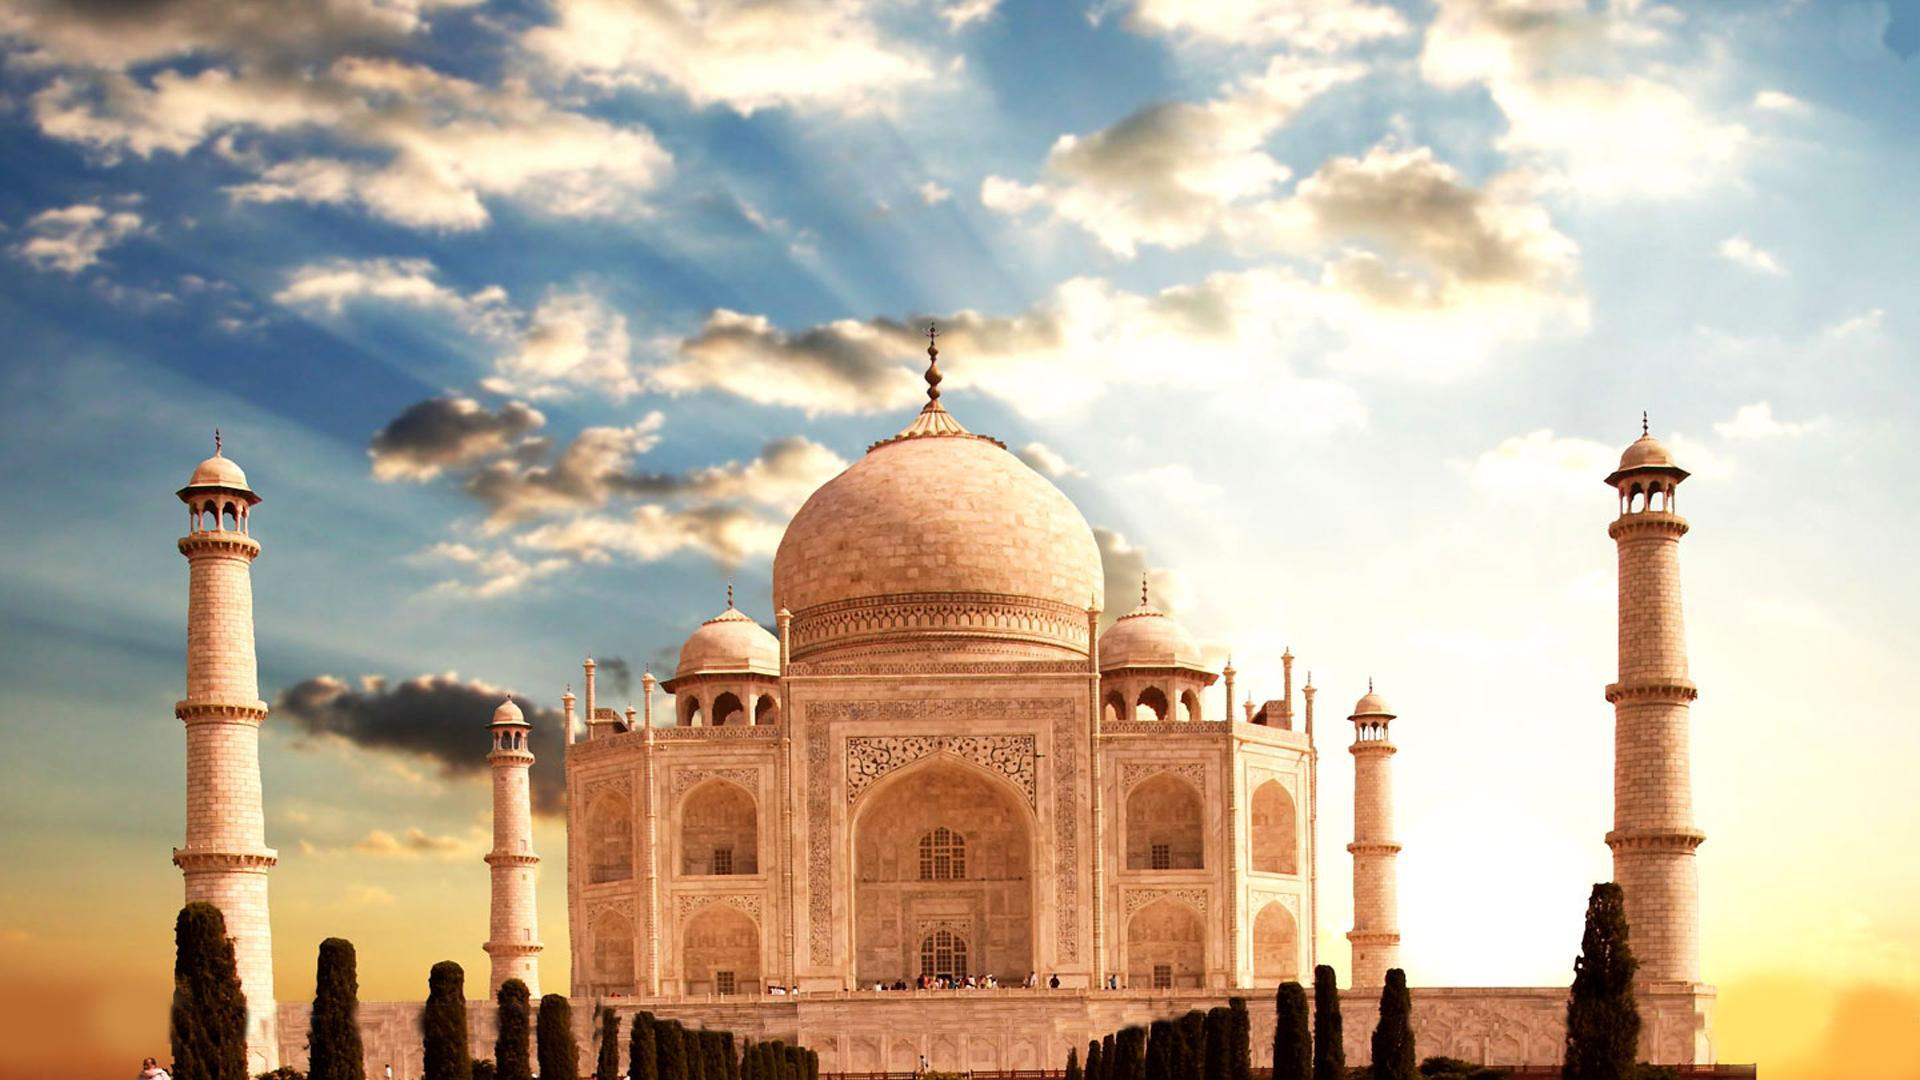 Taj Mahal Desktop HD Wallpapers